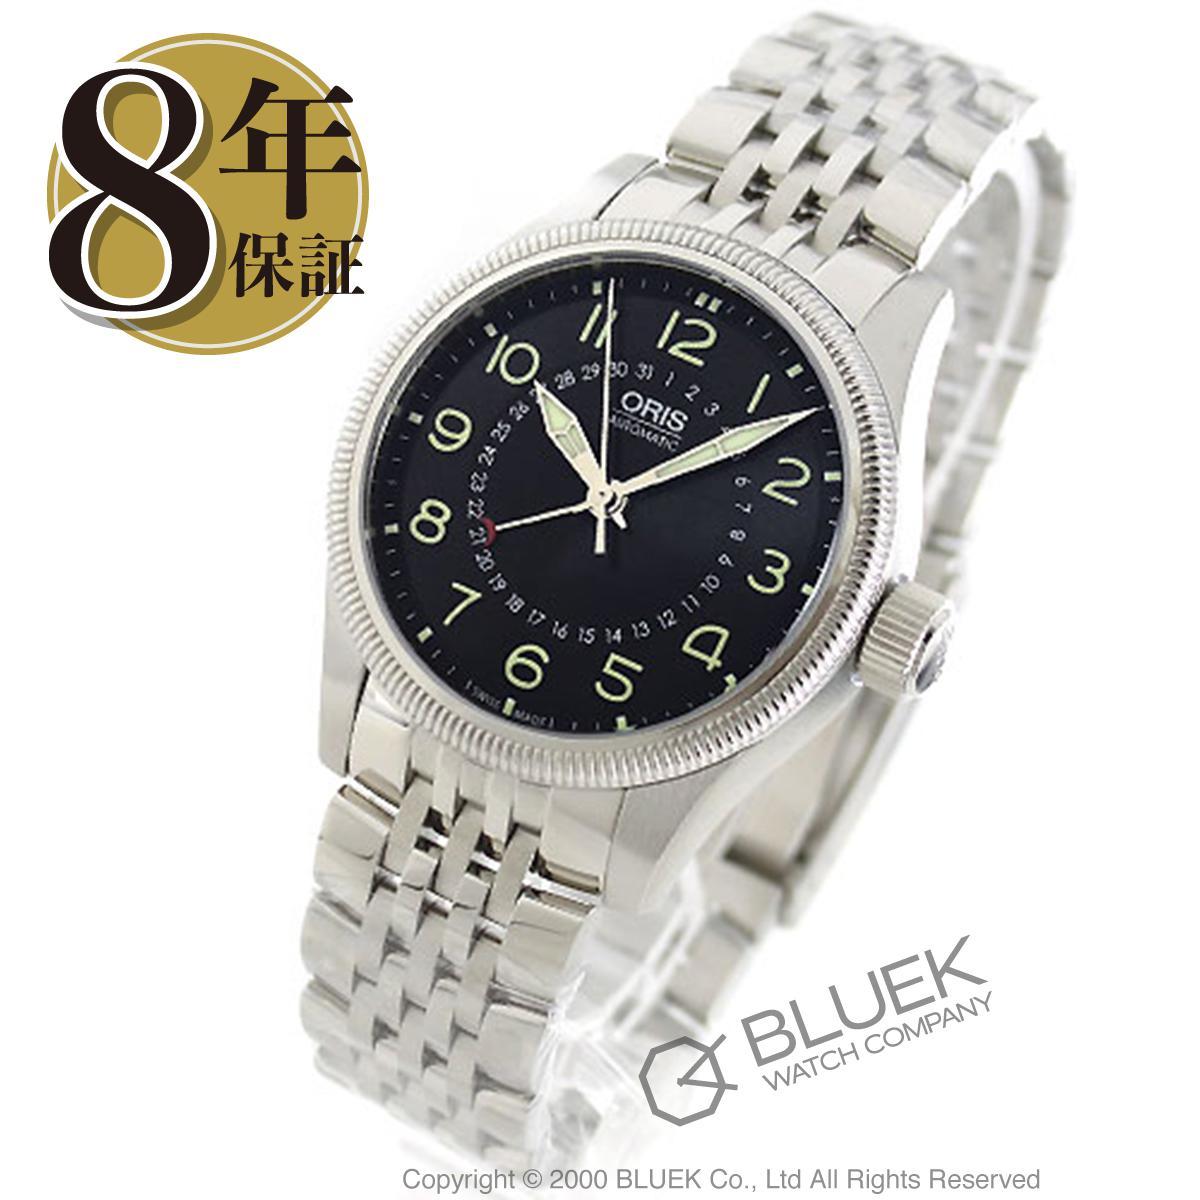 【3,000円OFFクーポン対象】オリス ビッグクラウン 腕時計 メンズ ORIS 754 7679 4064M_8